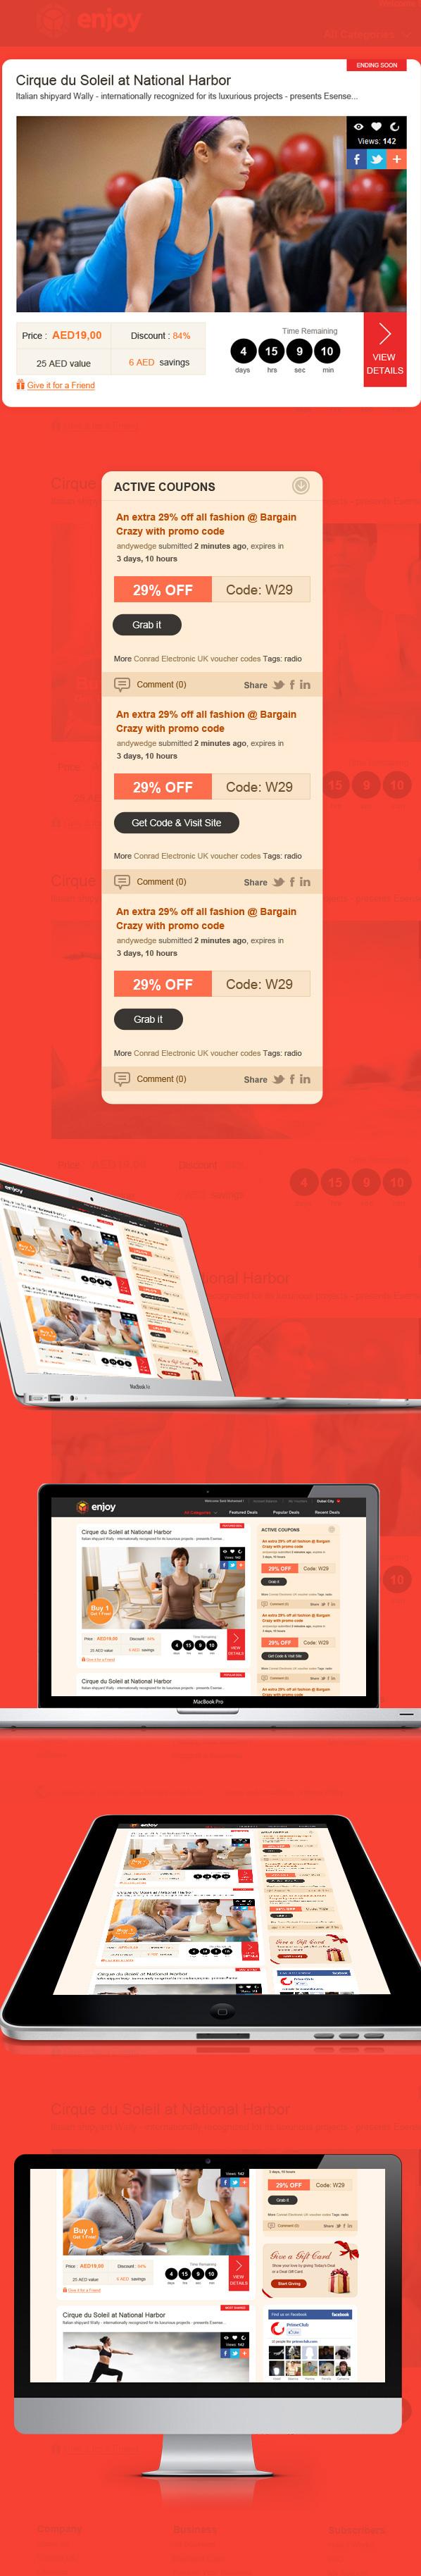 Shopping shopping cart online shopping